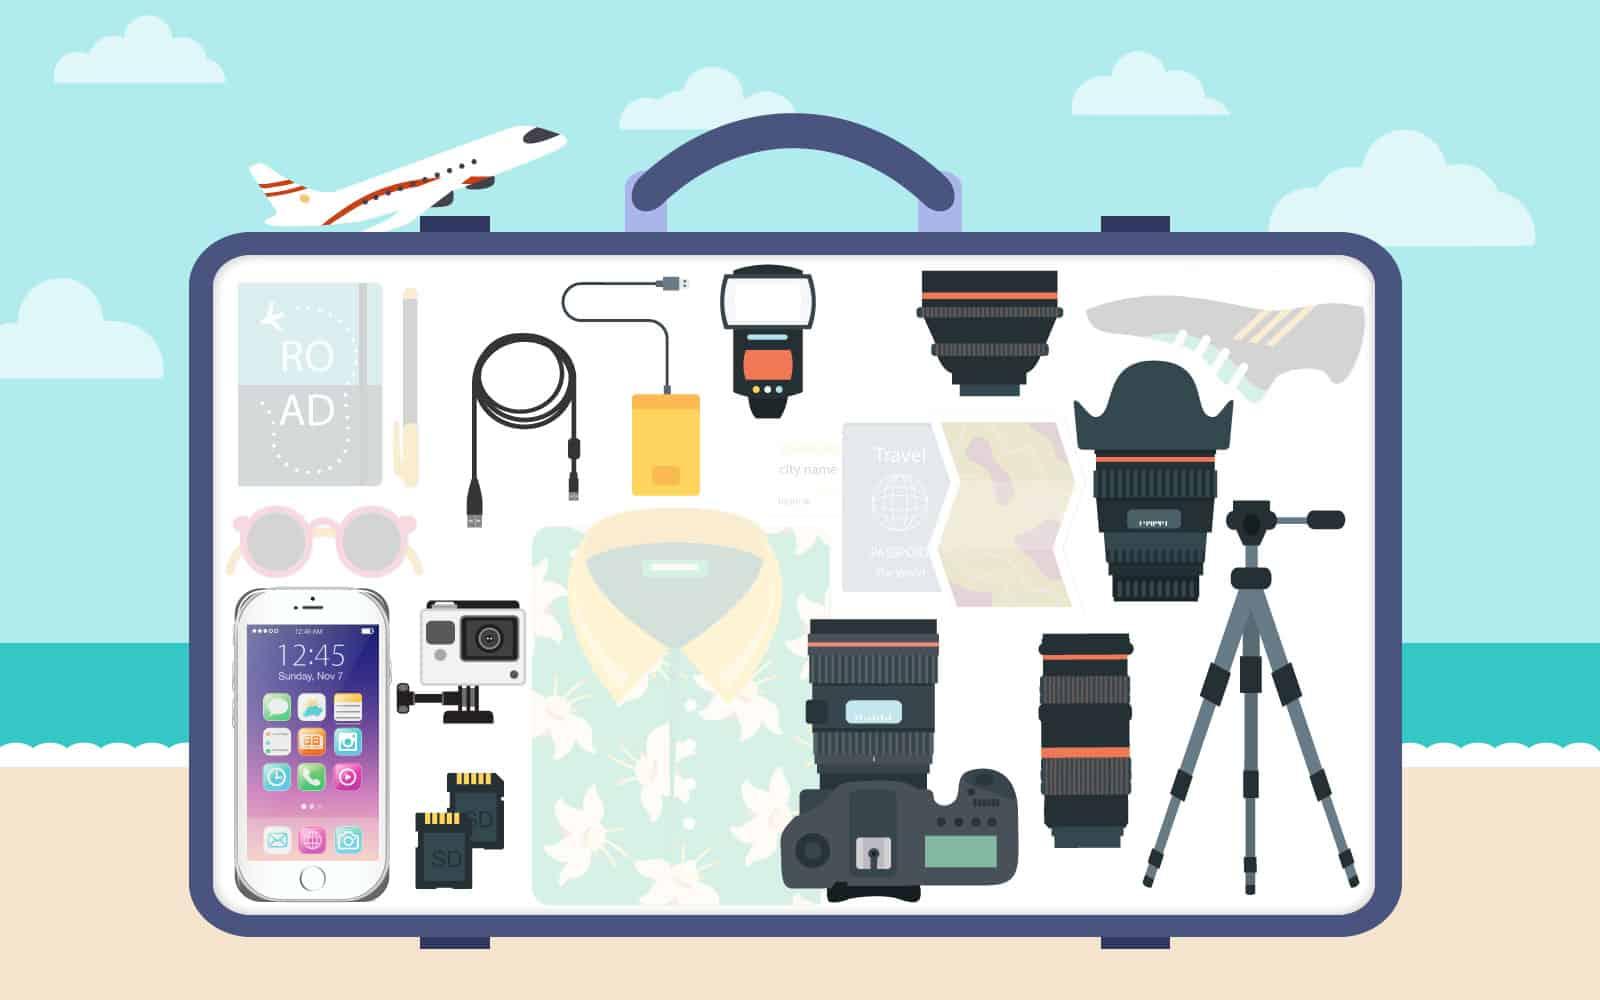 Tecnologia in viaggio: a cosa non rinuncio mai